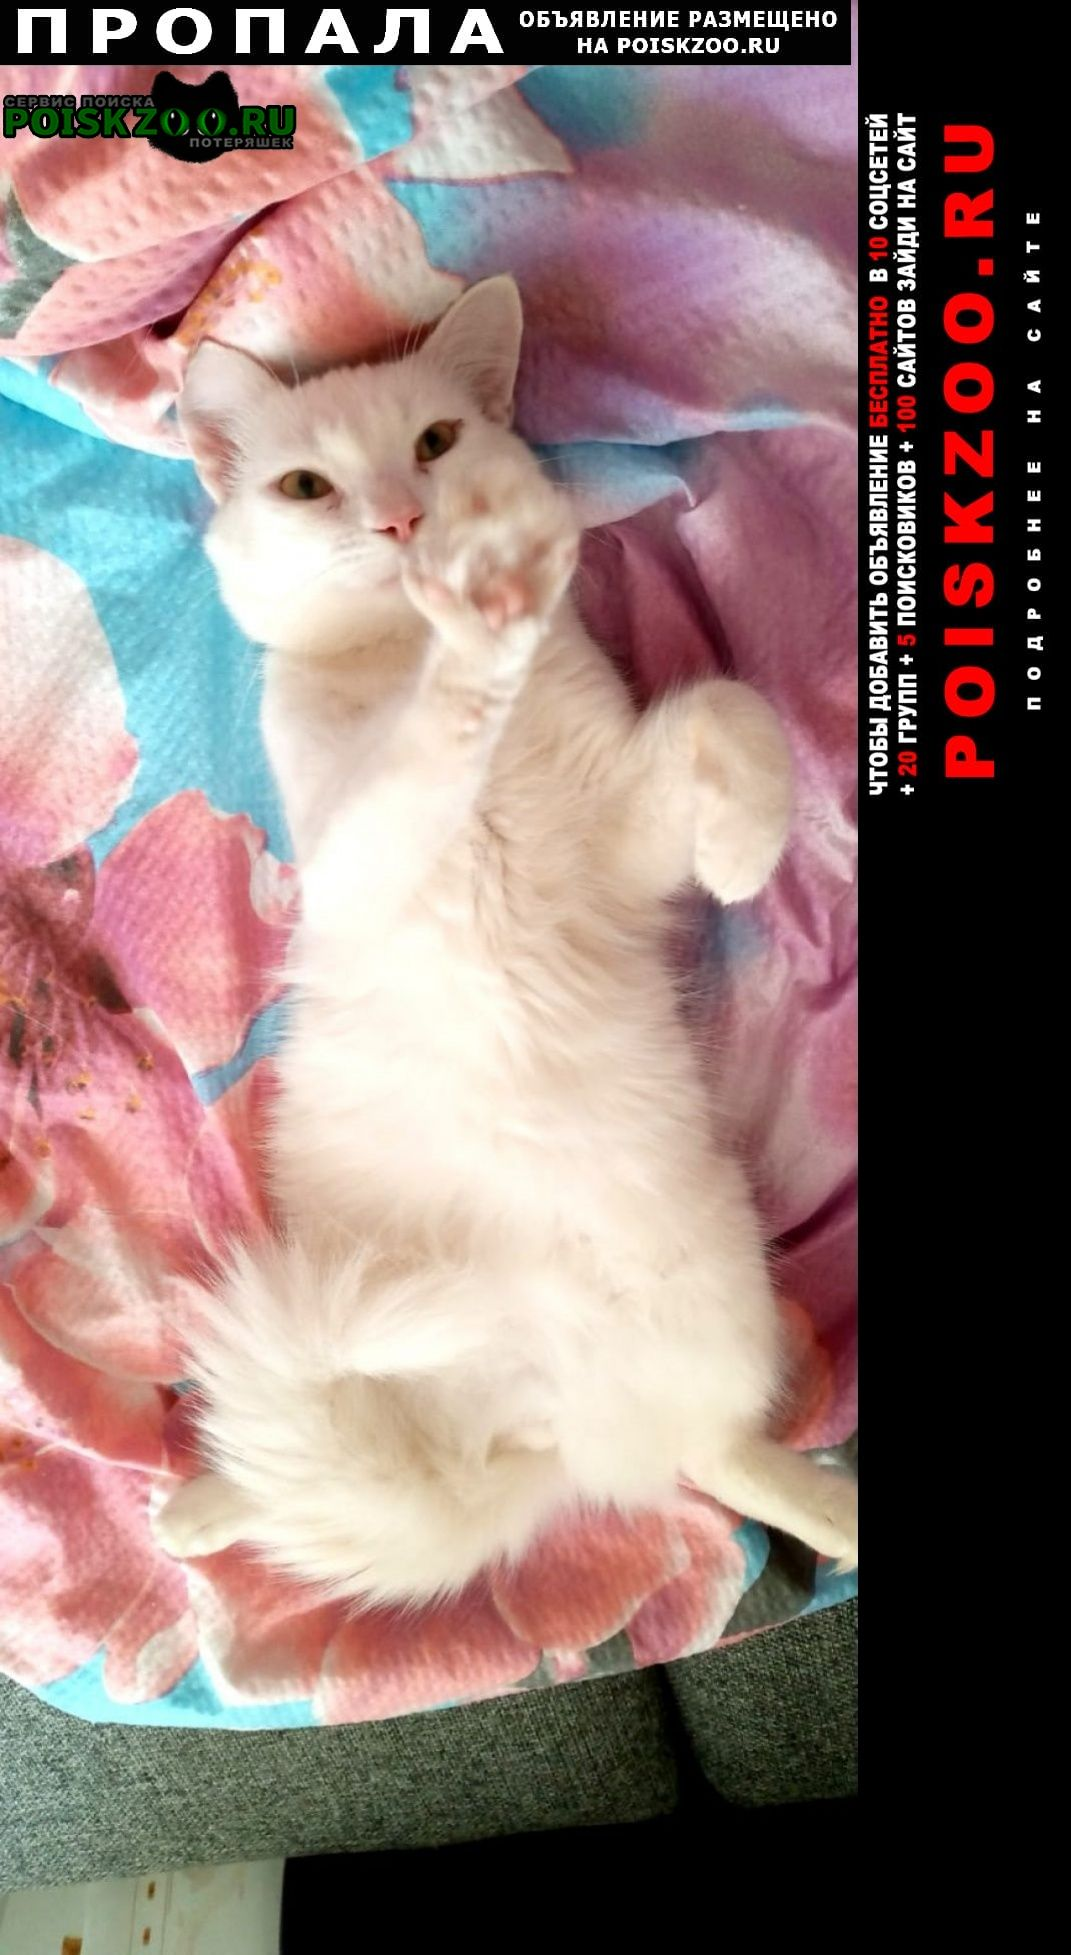 Воронеж Пропал кот белый, турецкая ангорка